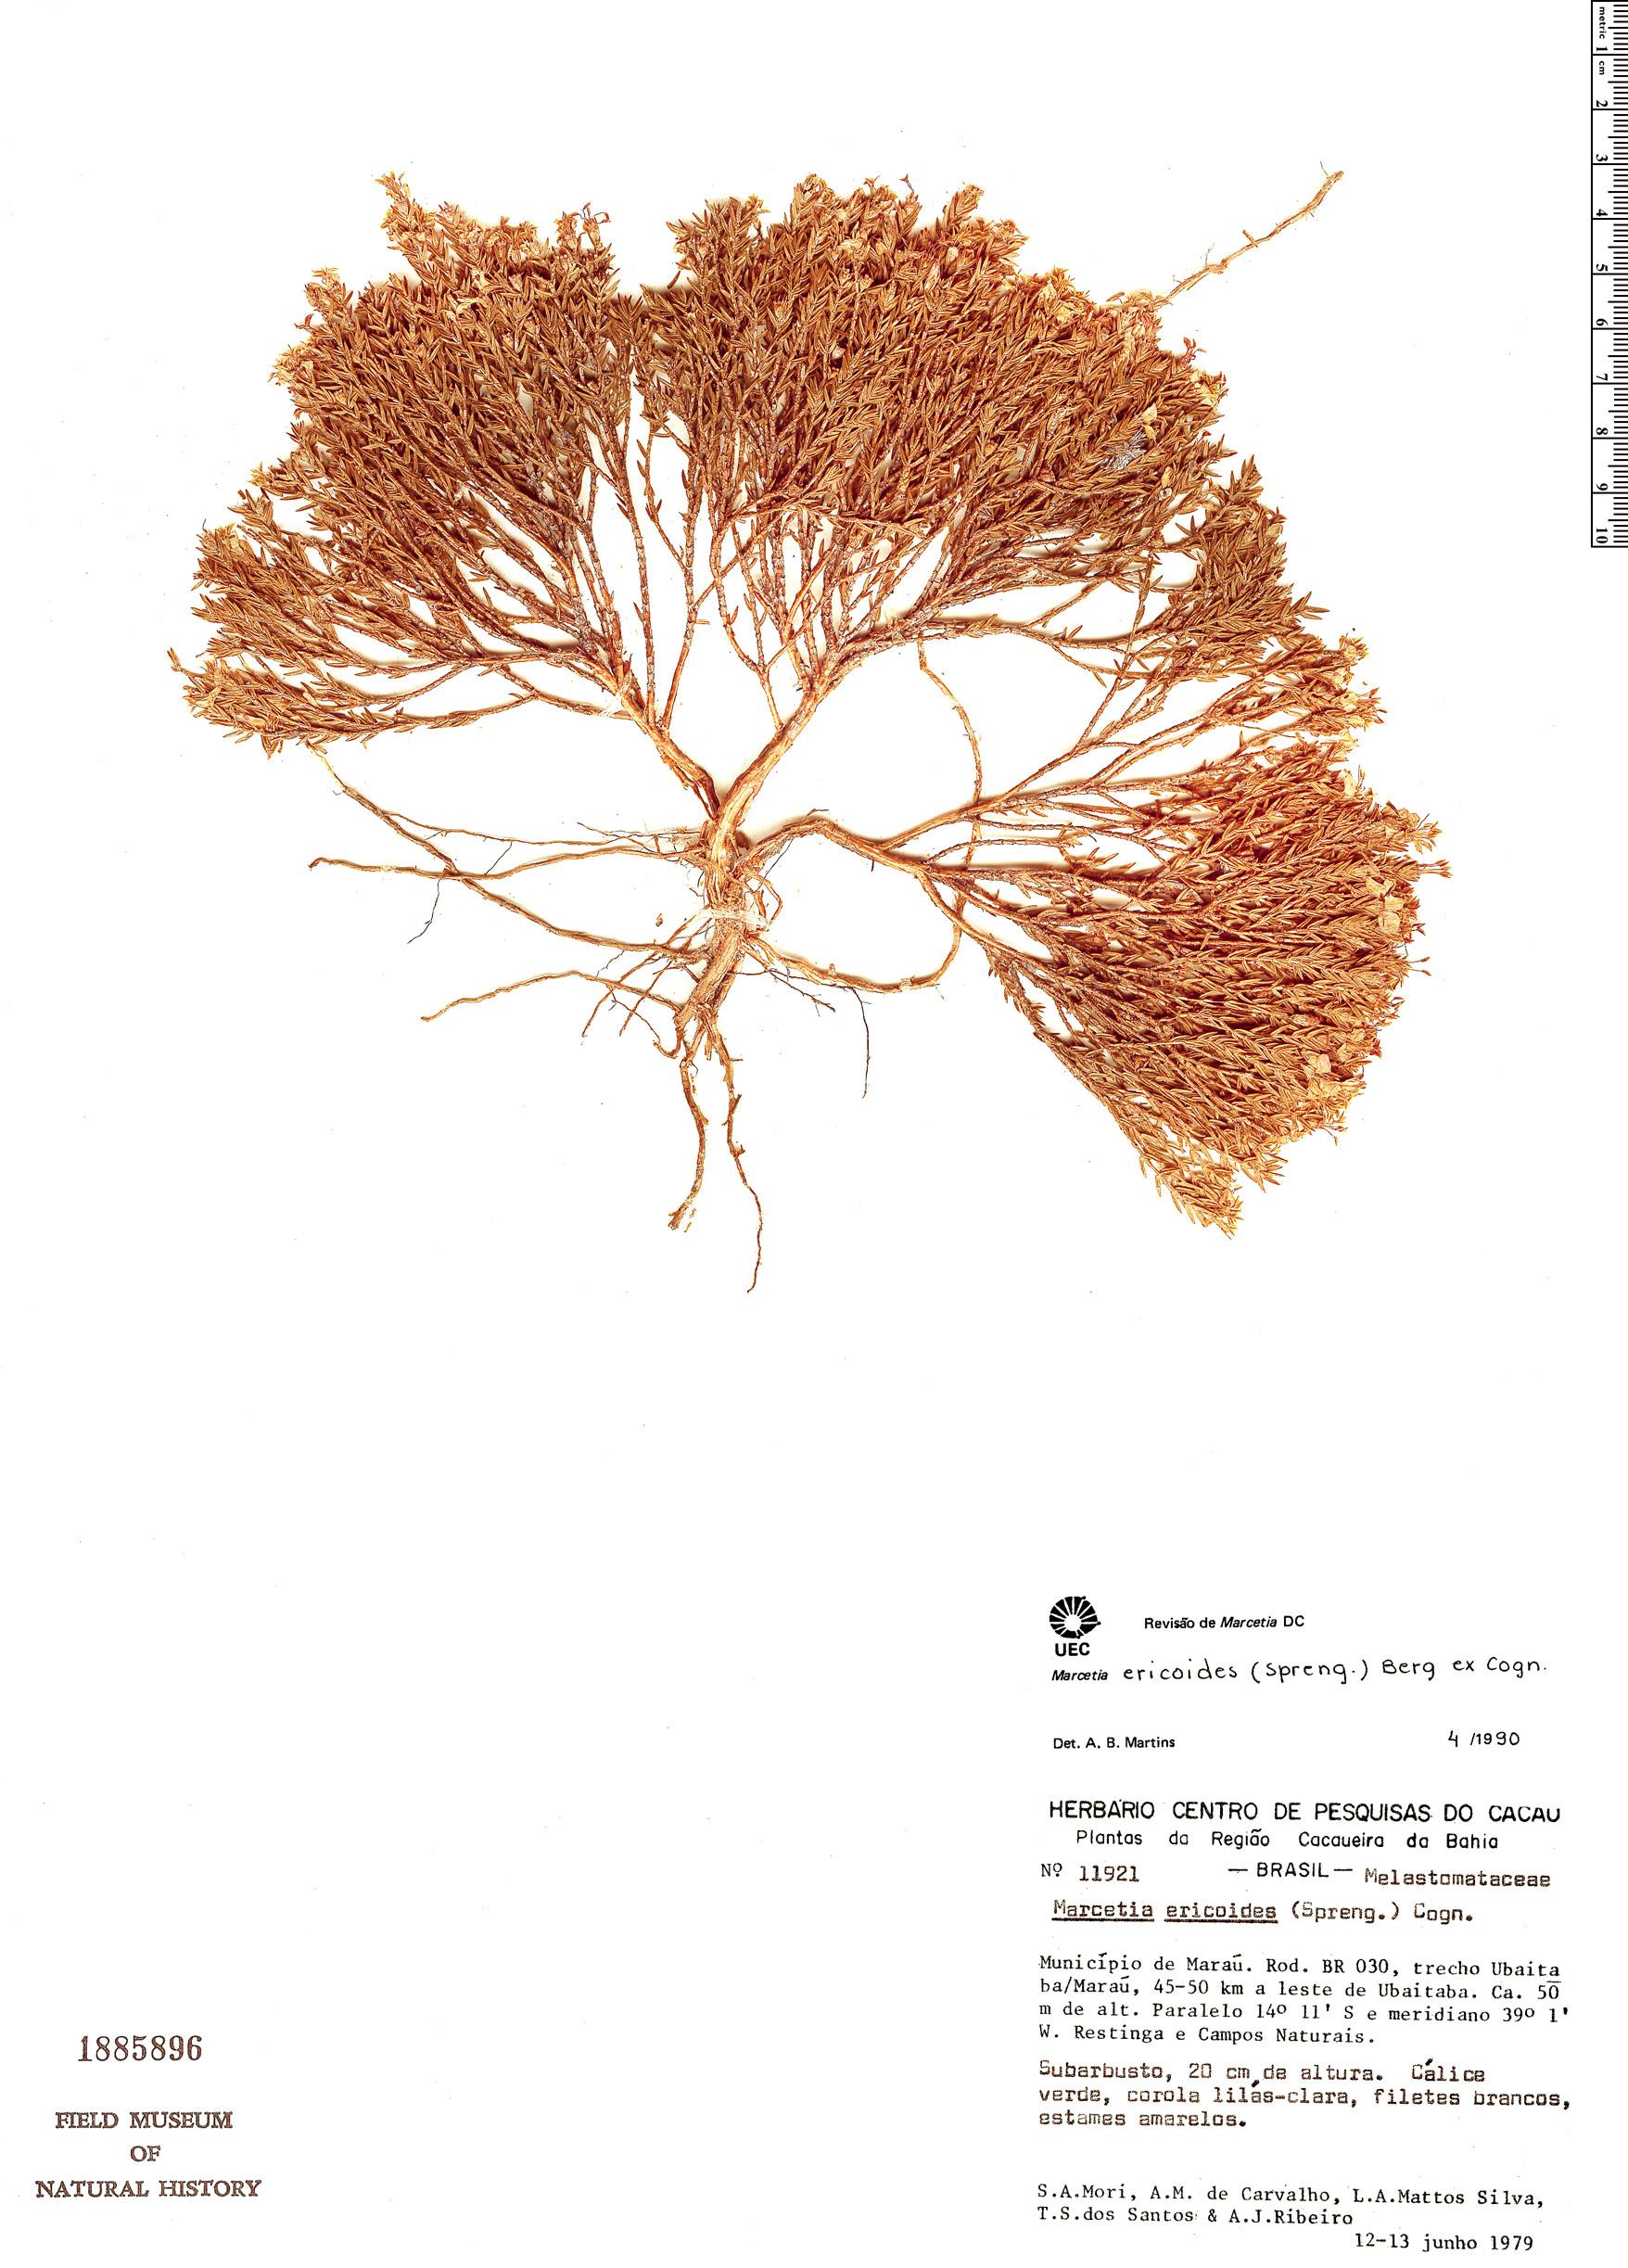 Specimen: Marcetia ericoides